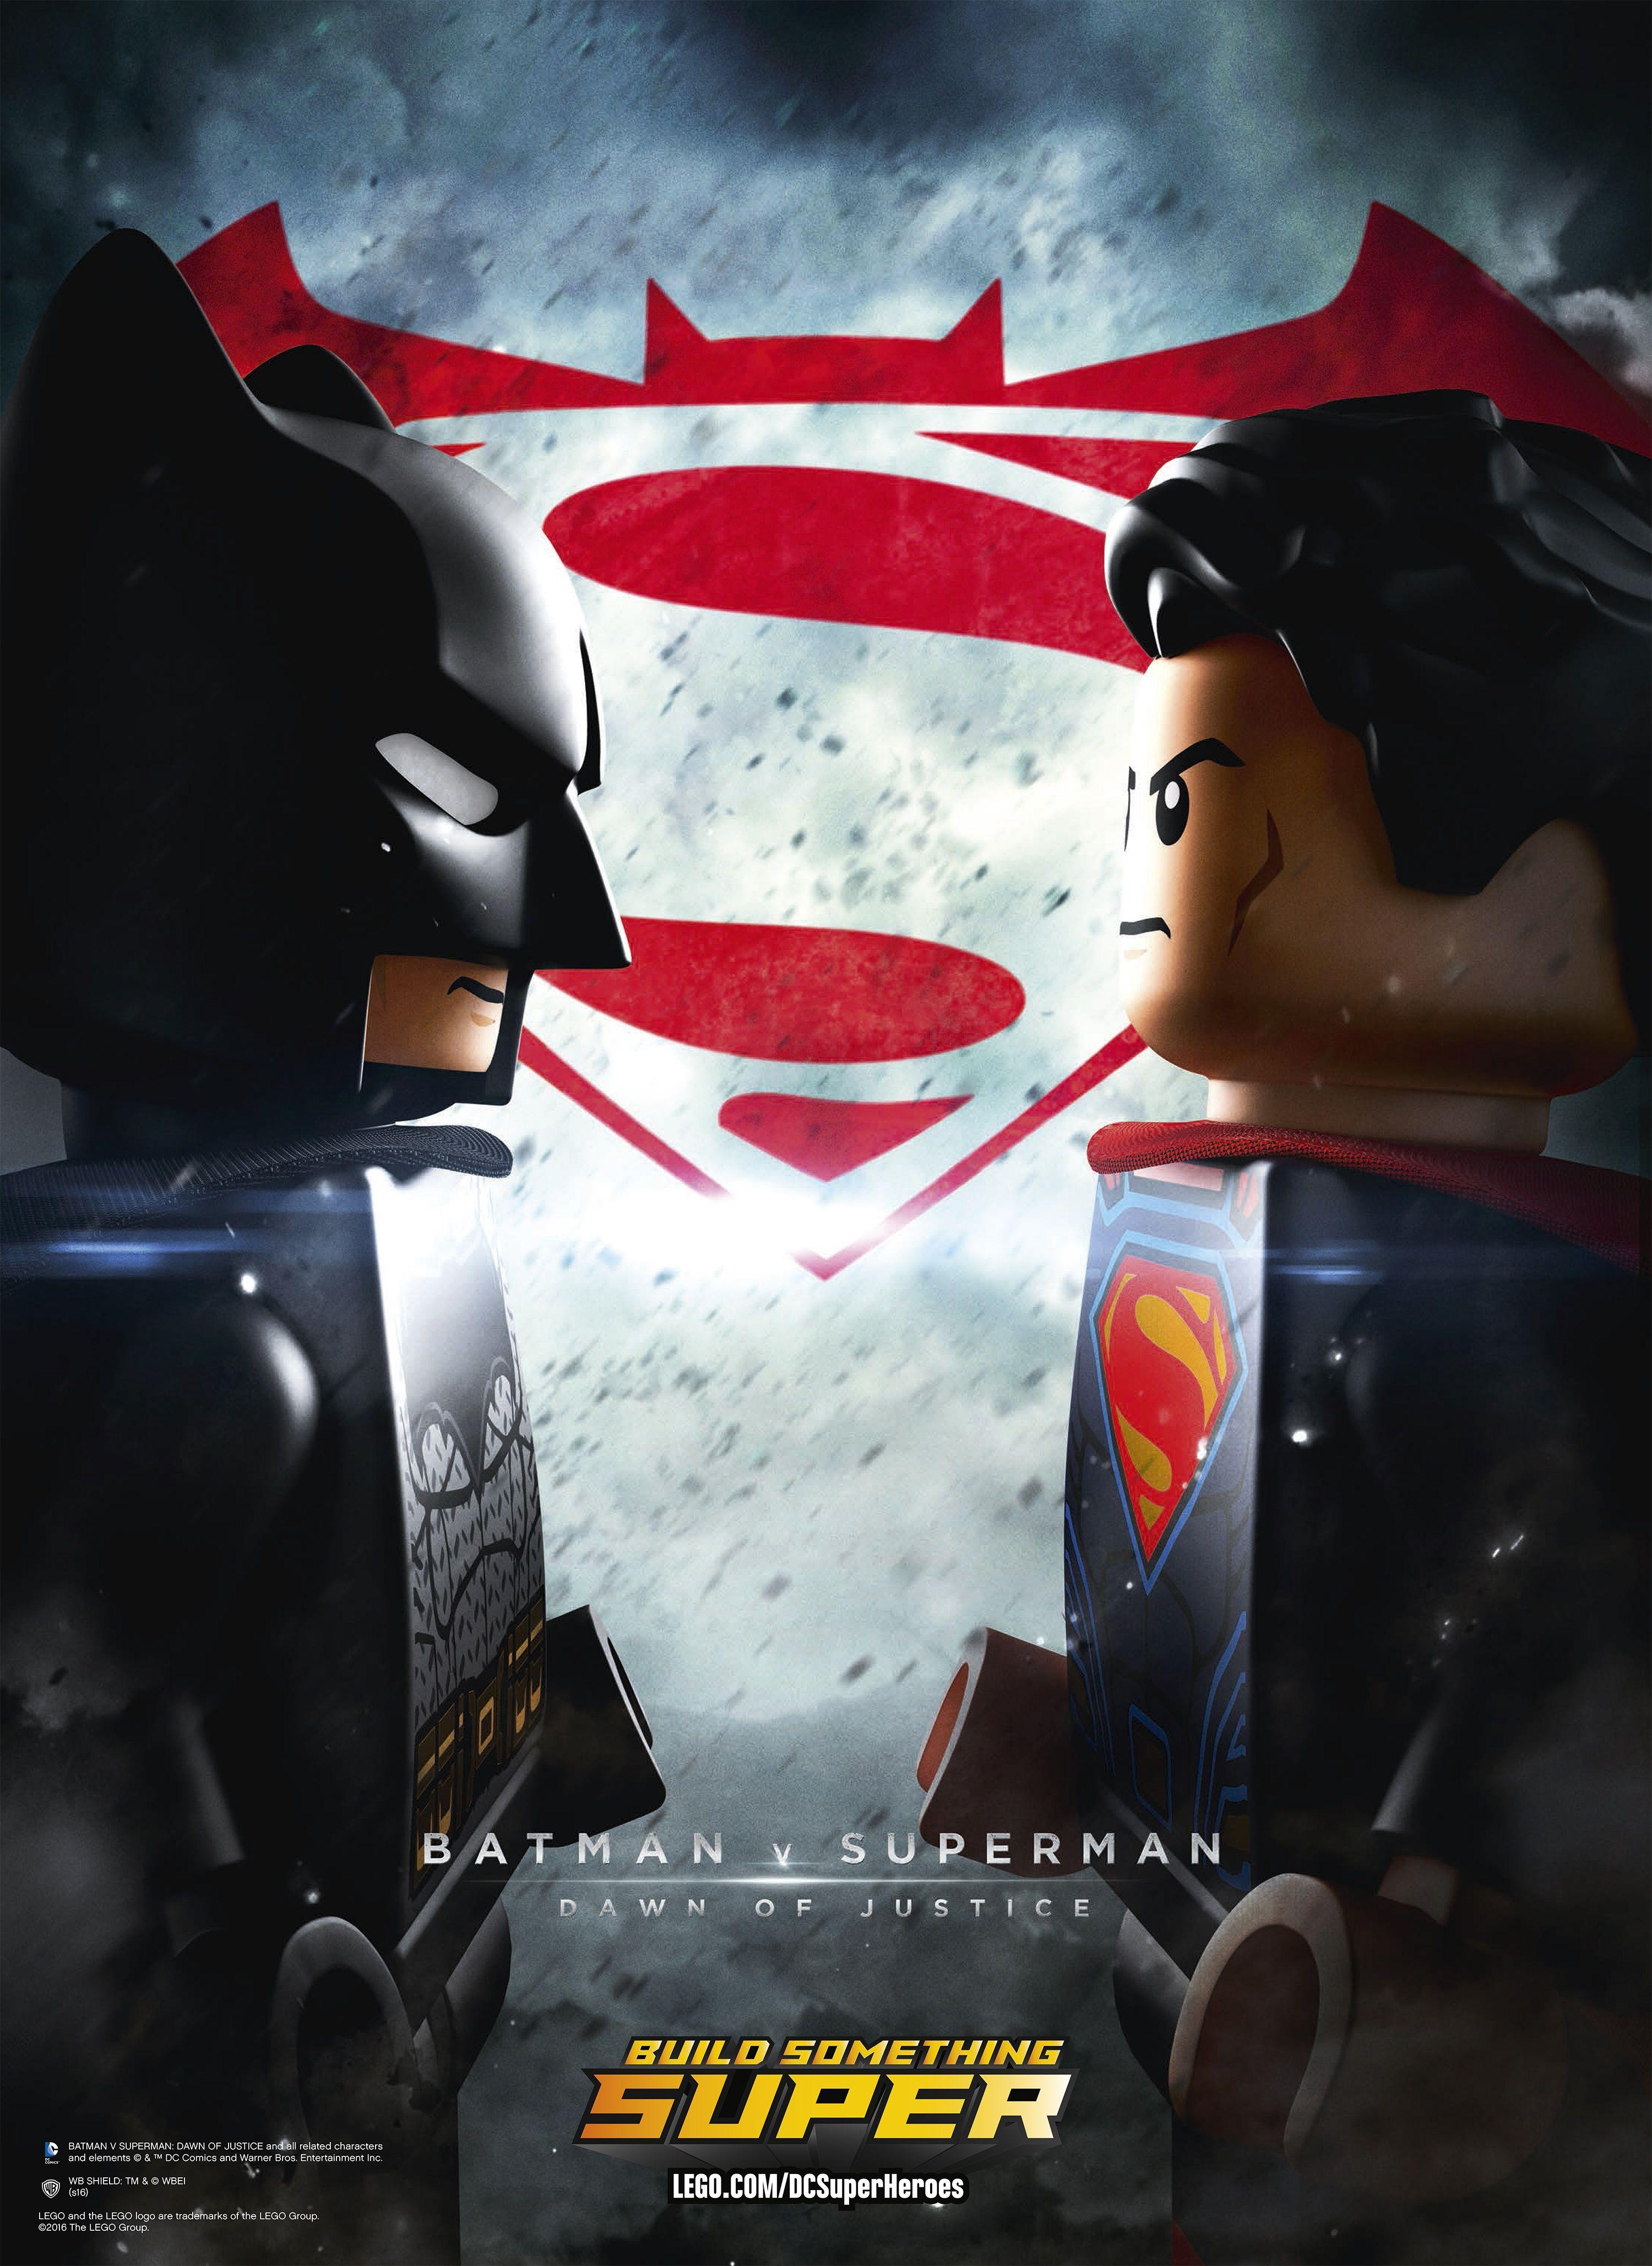 Batman V Superman Poster Gets A Lego Remix Lego Poster Batman Vs Superman Poster Batman V Superman Poster